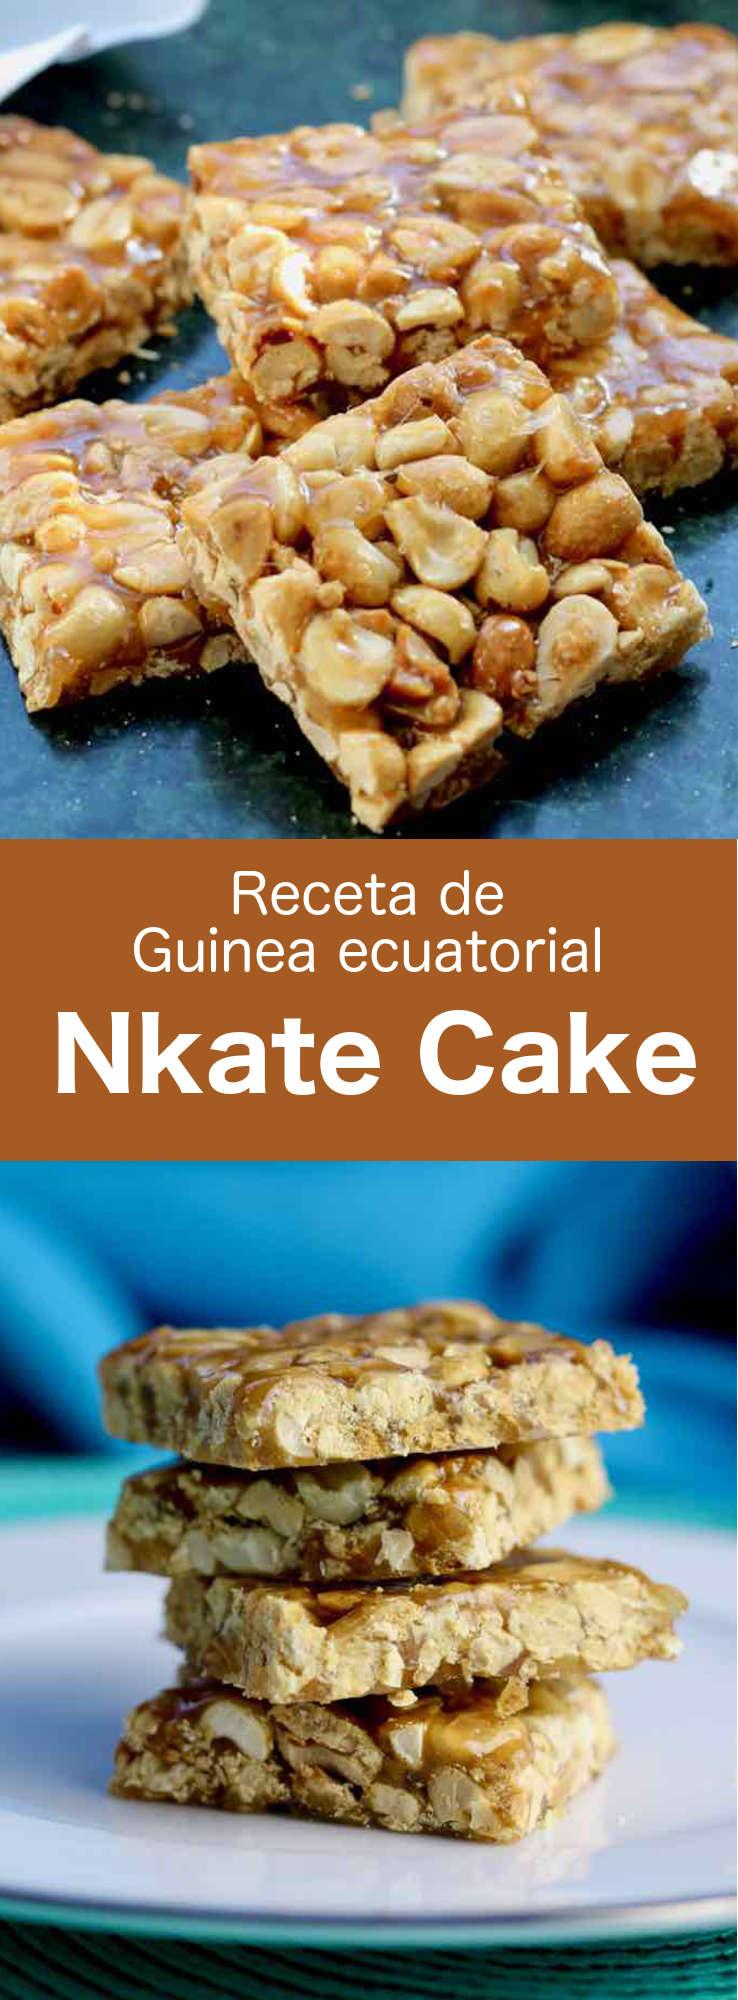 El Nkate cake (o kongodo) es un nougat o turrón deliciosamente crujiente hecho de maní, que es popular en Guinea Ecuatorial y Ghana.